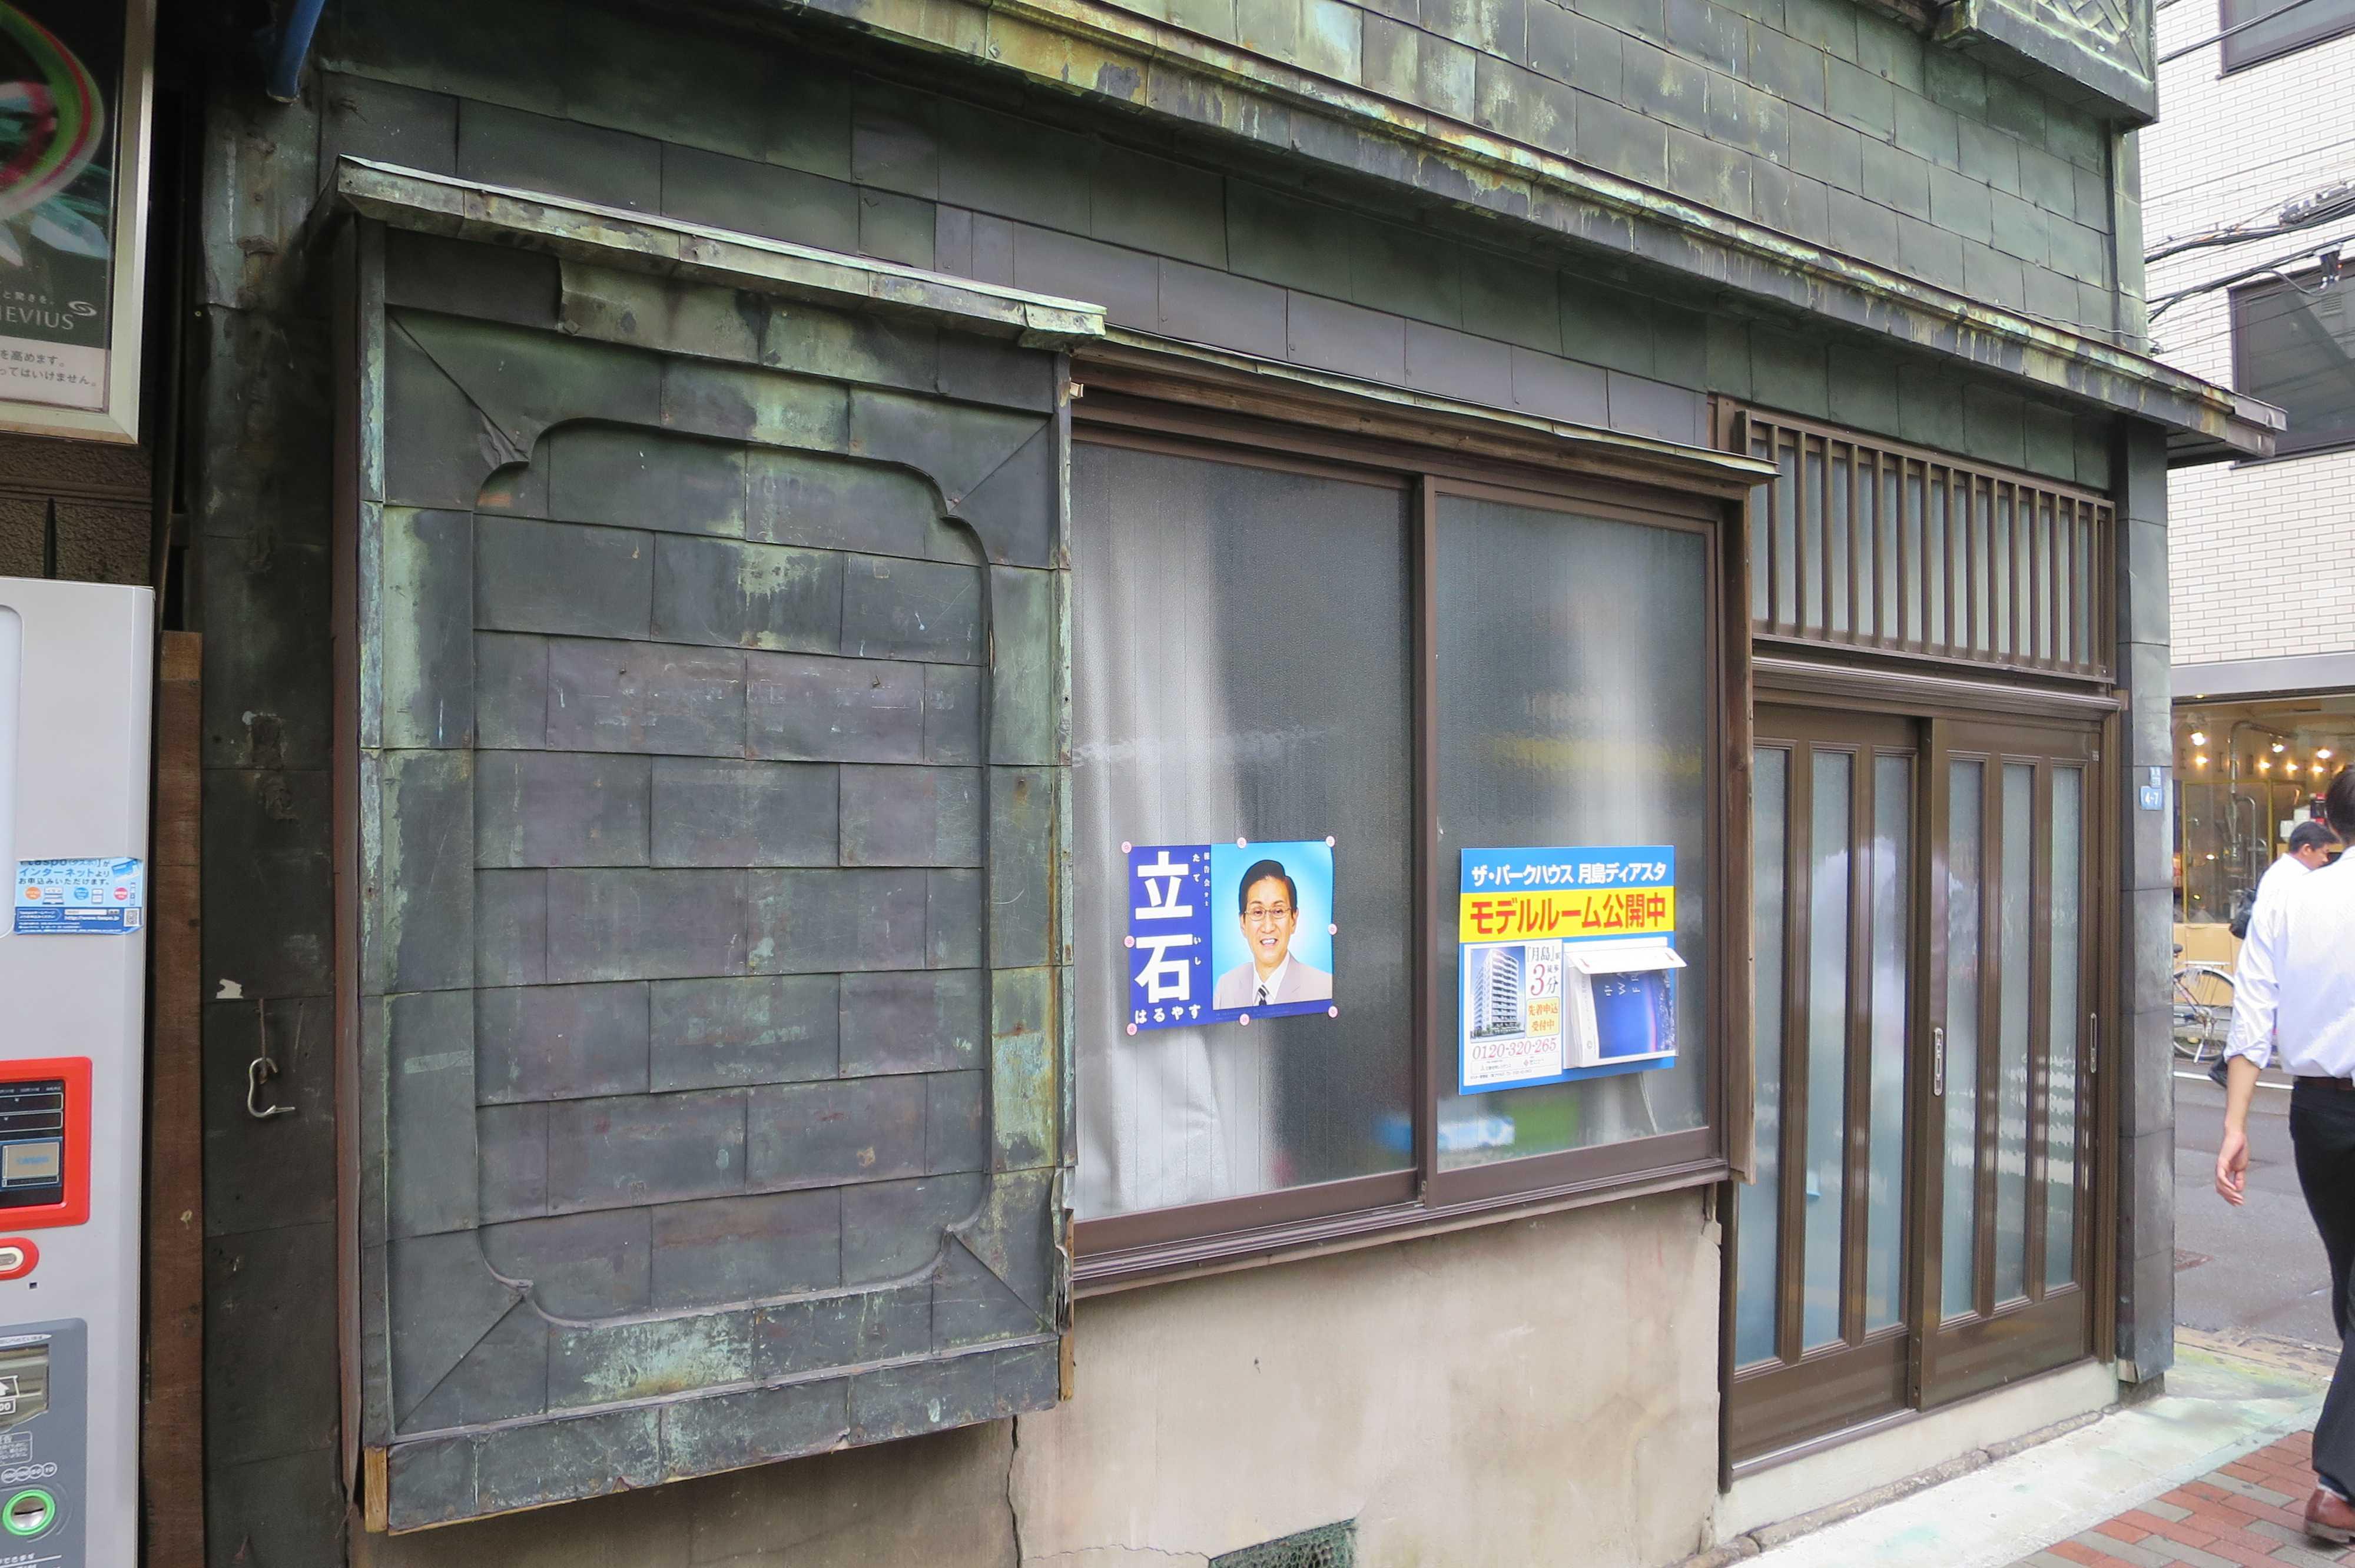 築地エリア - 築地三丁目角地の看板建築